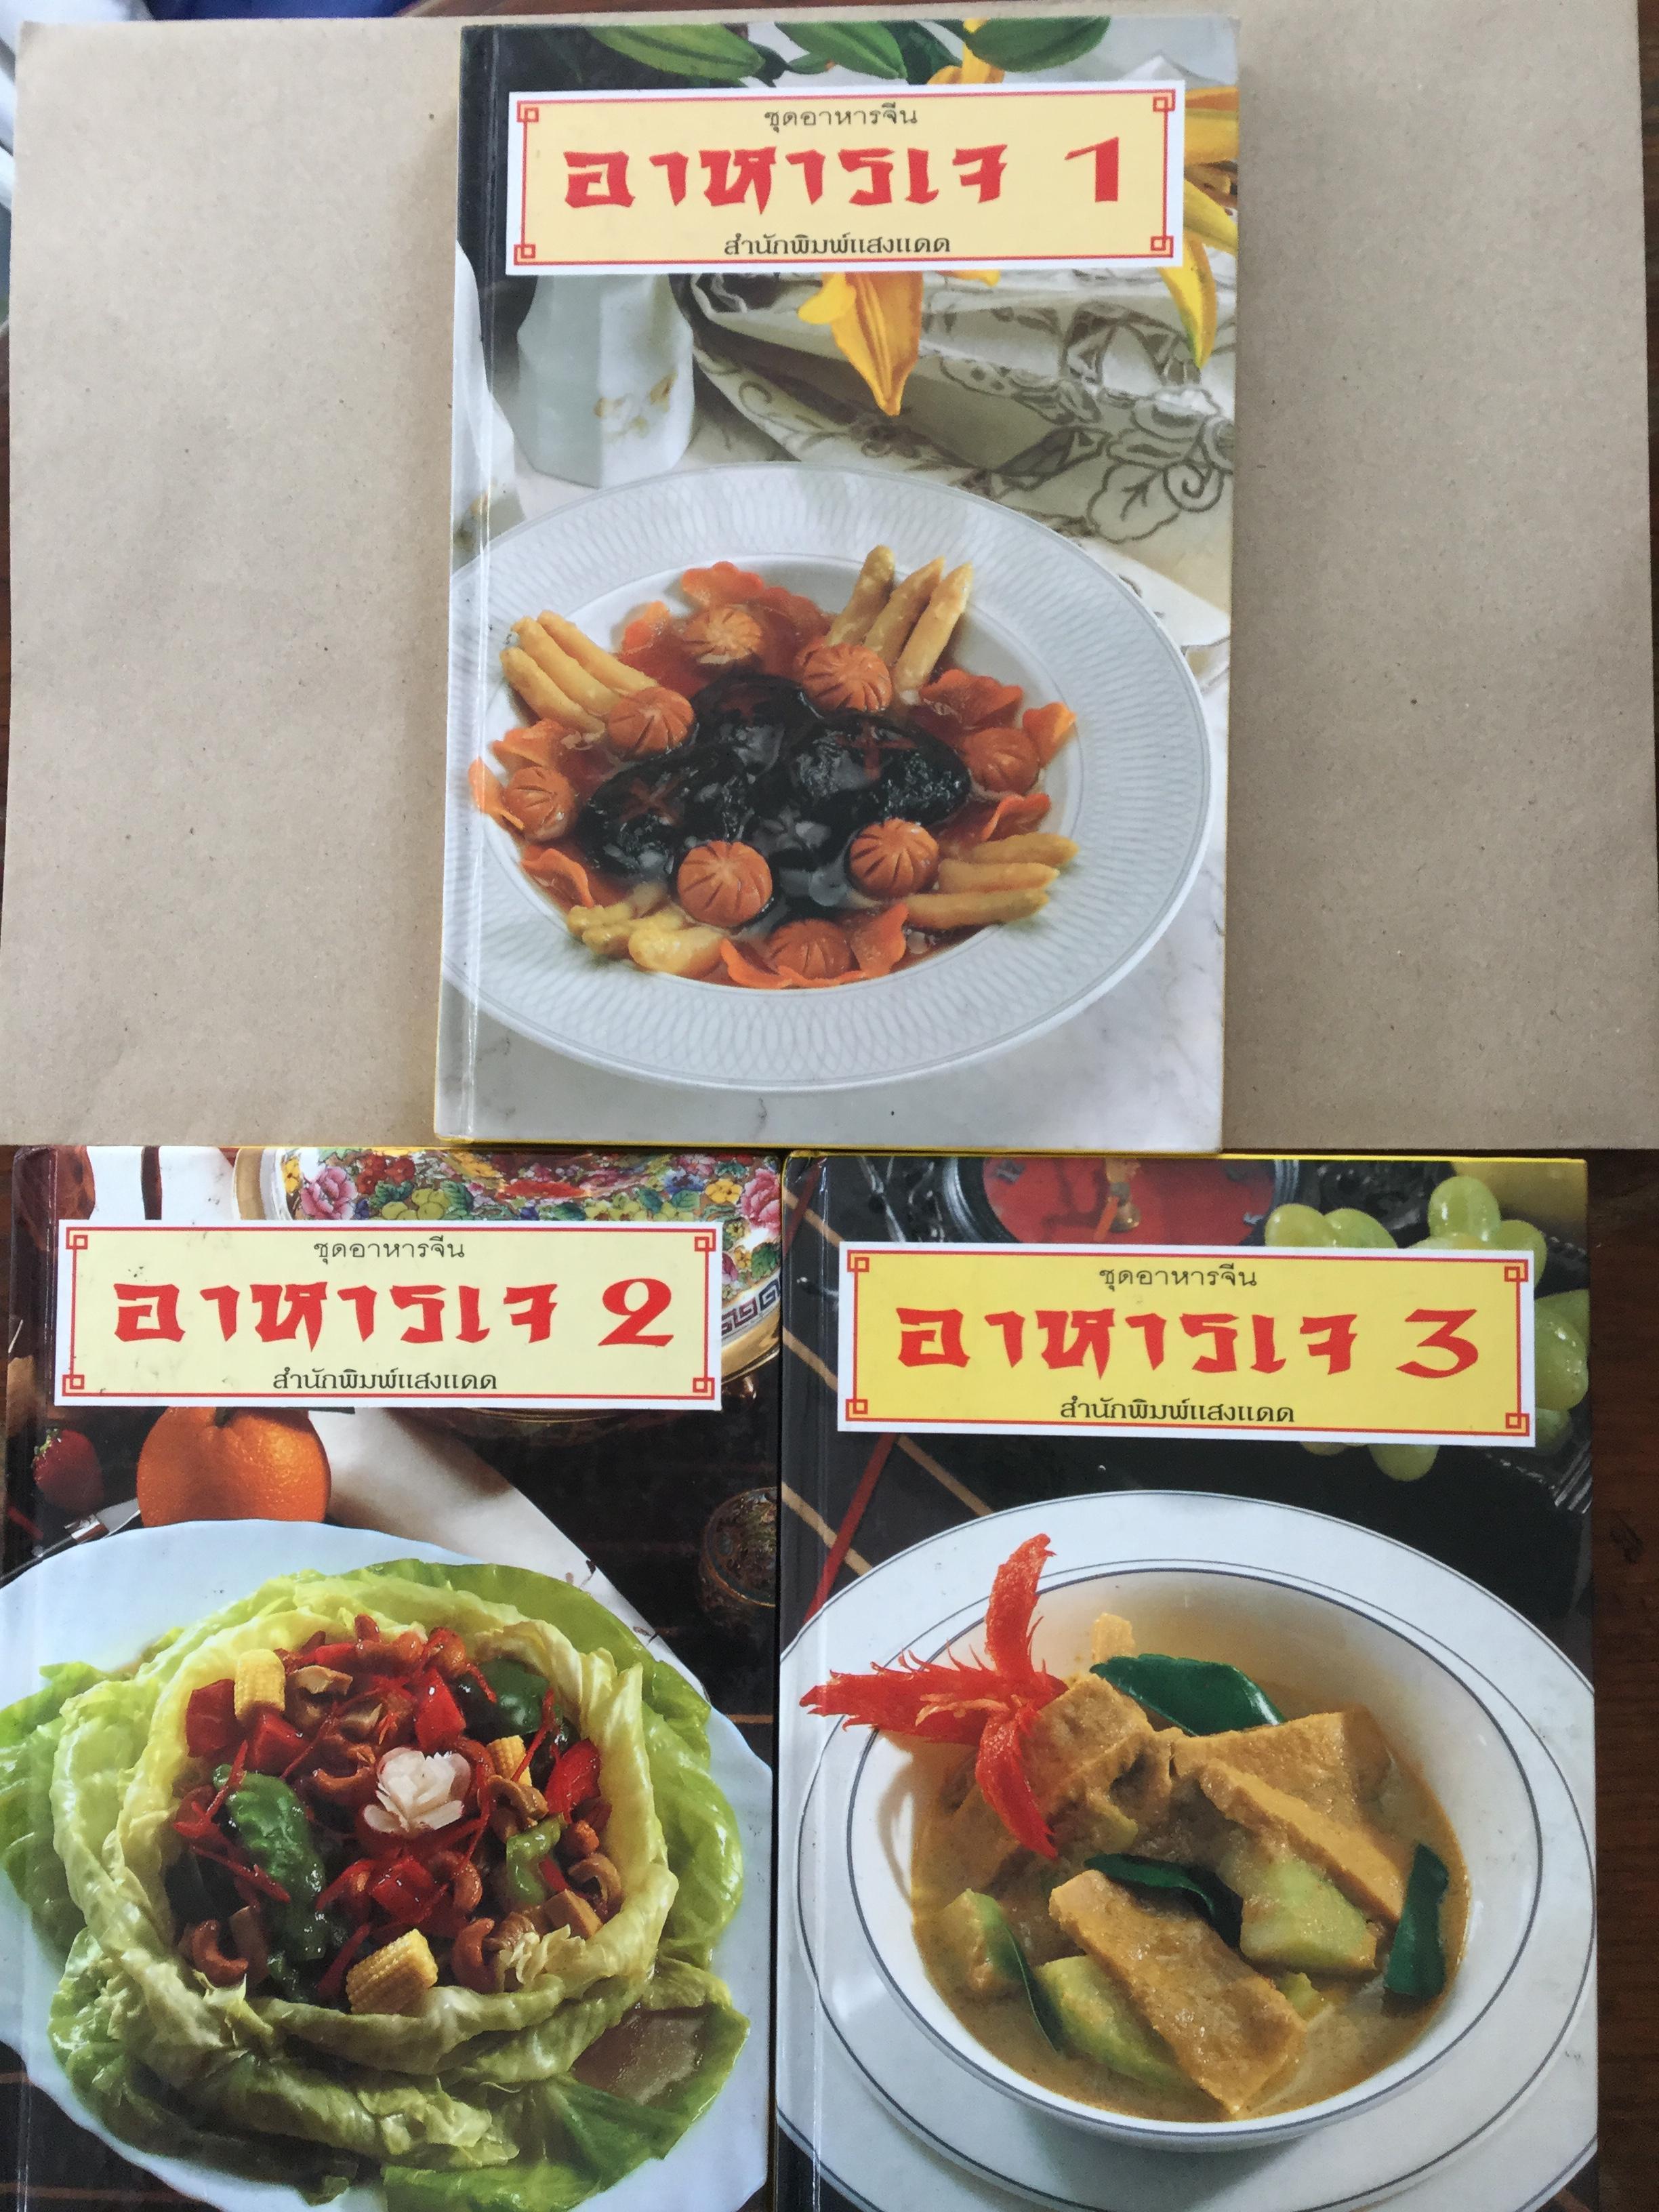 อาหารเจ. ชุดอาหารจีน เล่มที่1-2-3 รวม 3 เล่ม จัดพิมพ์โดย สำนักพิมพ์แสงแดด